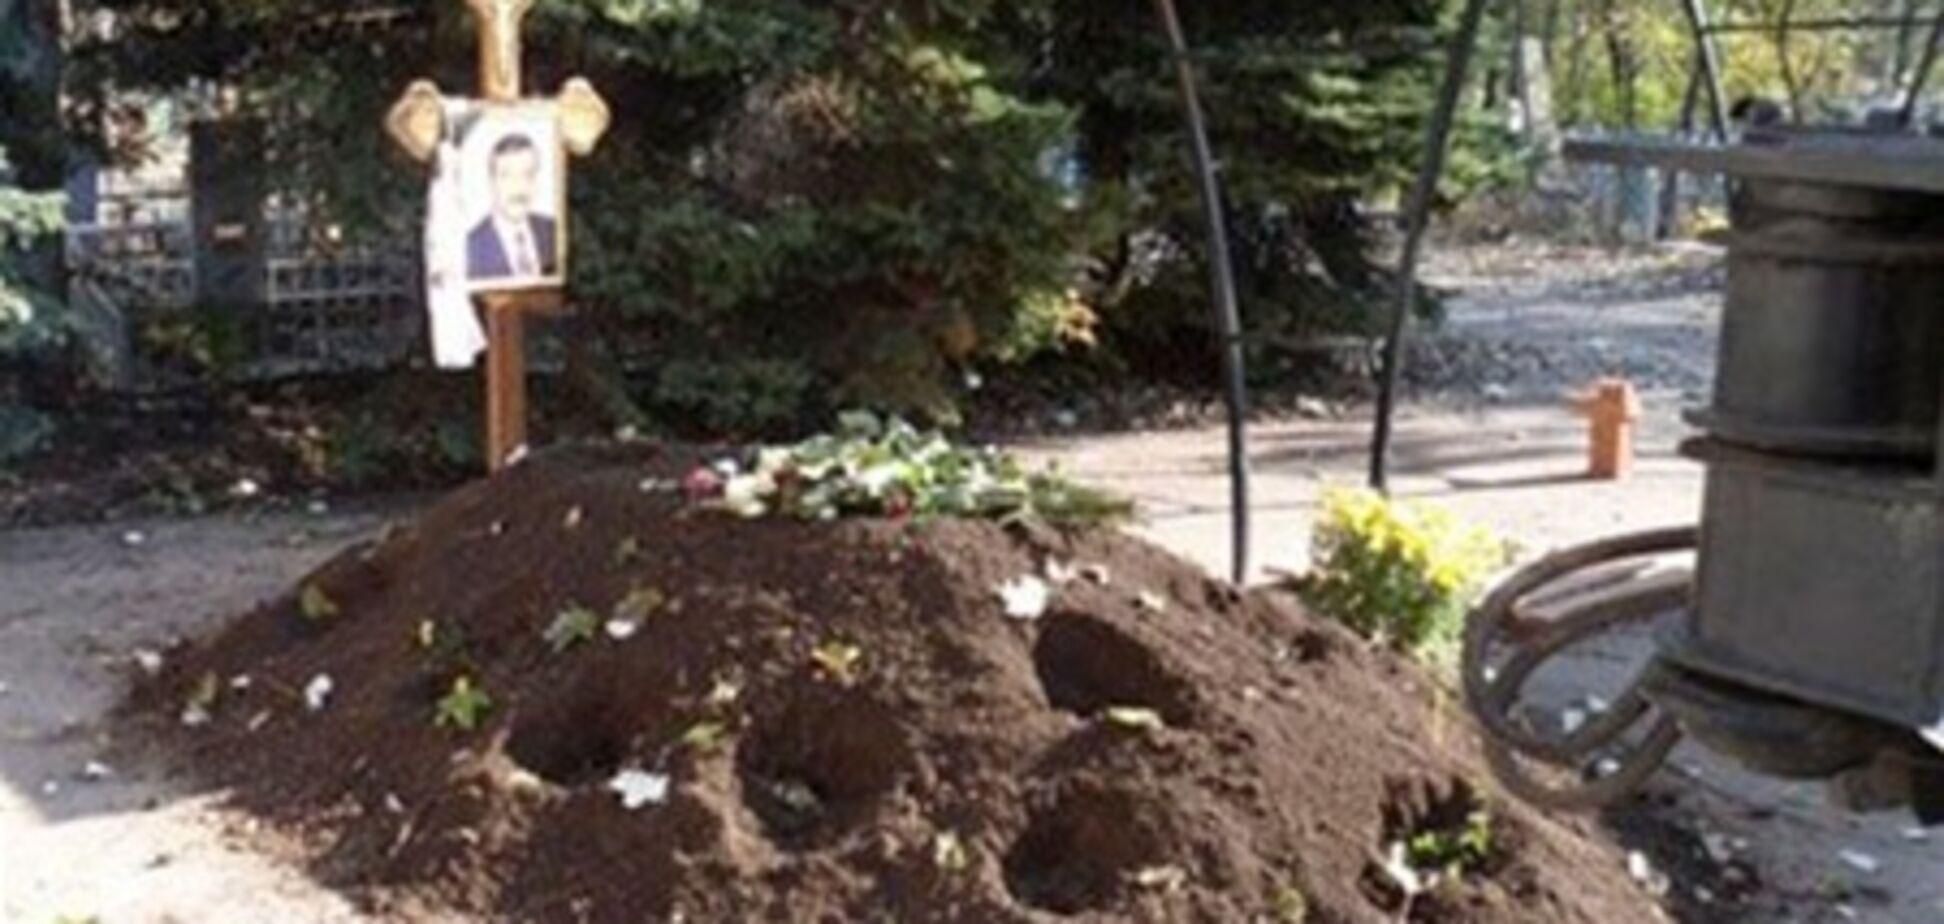 Ночами з могили Джарти викопують квіти. Фото